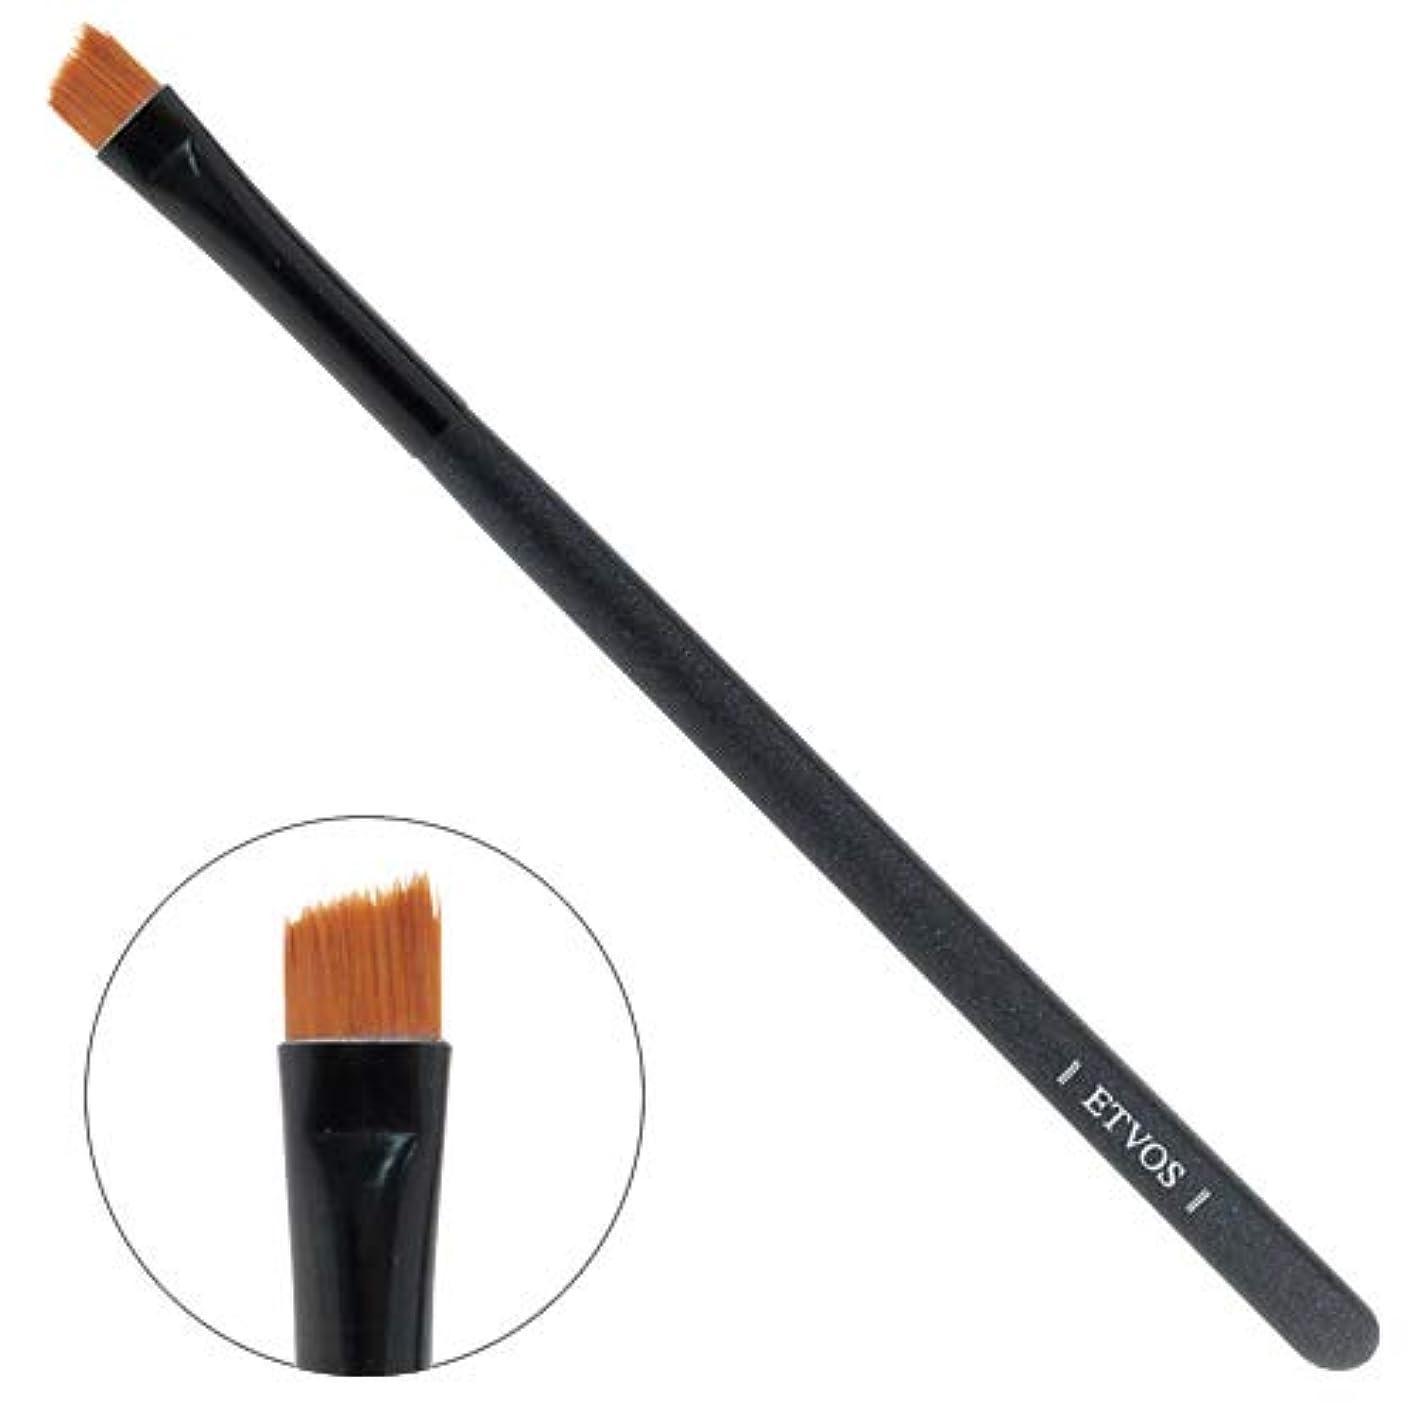 アデレードフック強化ETVOS(エトヴォス) アイライナーブラシ 毛先を斜めカット/目のキワまでアイラインが引ける化粧筆 12.5cm